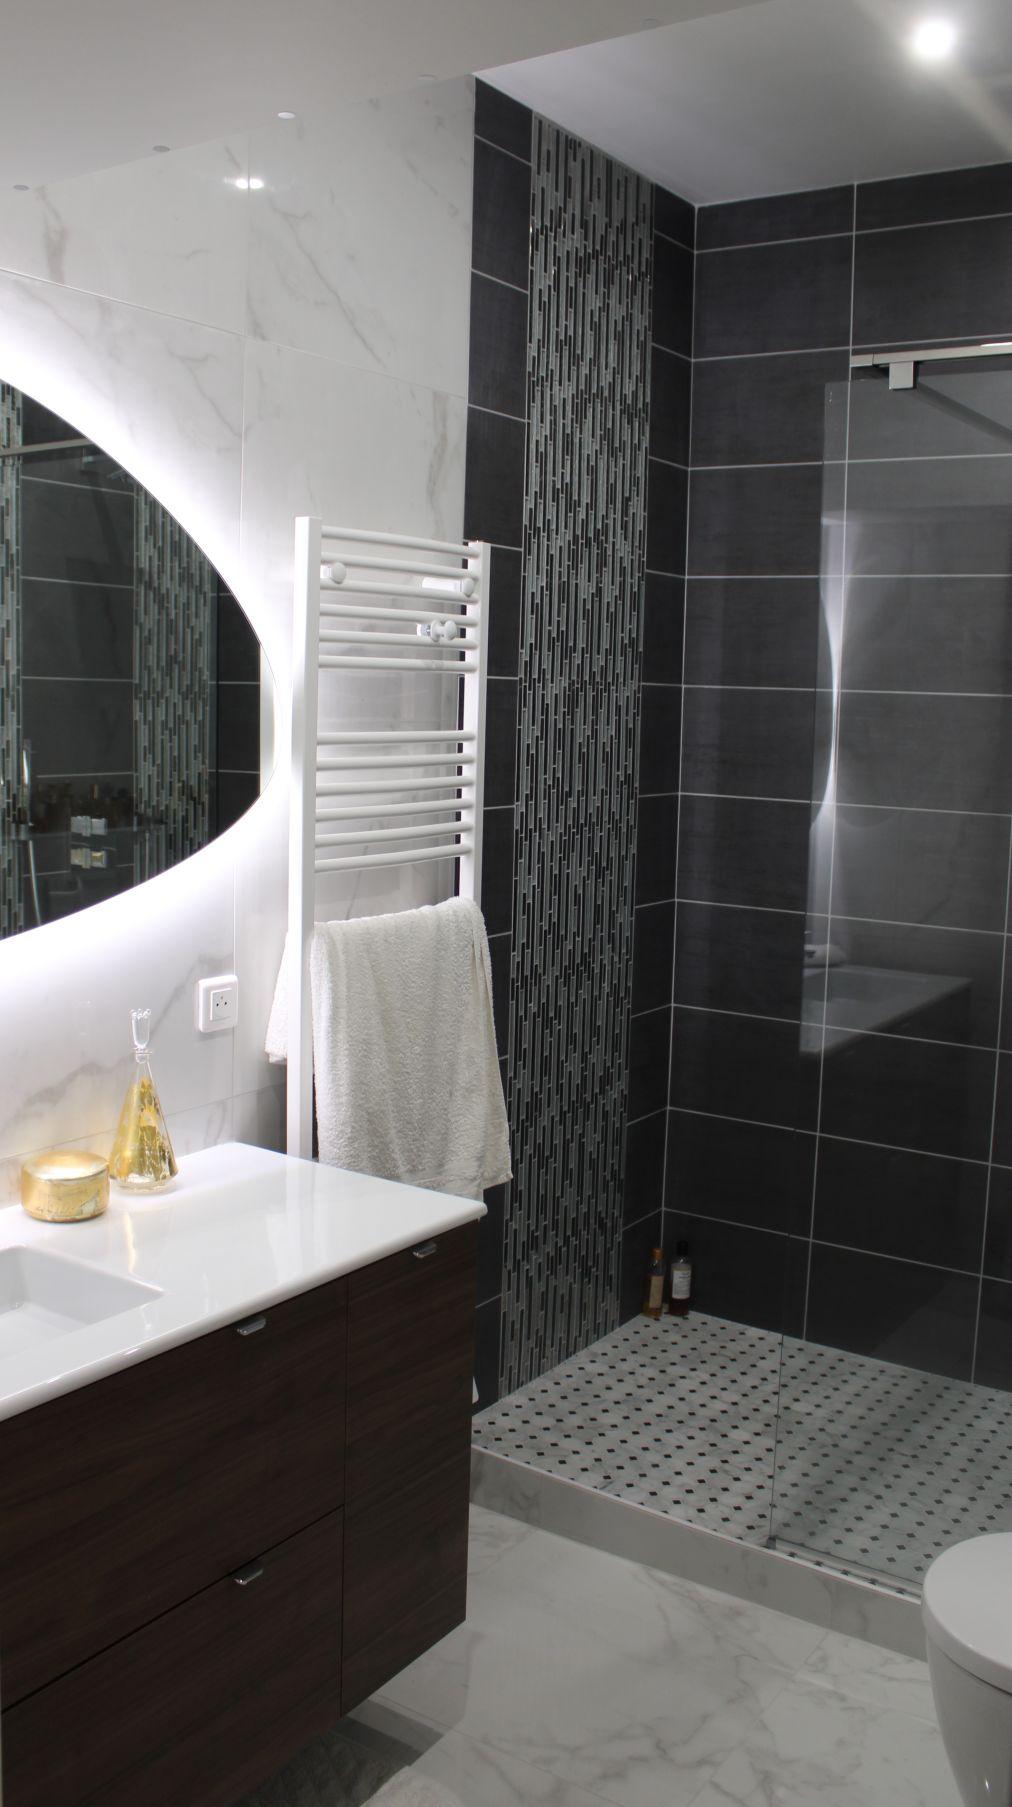 renovation-salle-de-bain-paris-renovation-salle-de-bain-paris-ap1